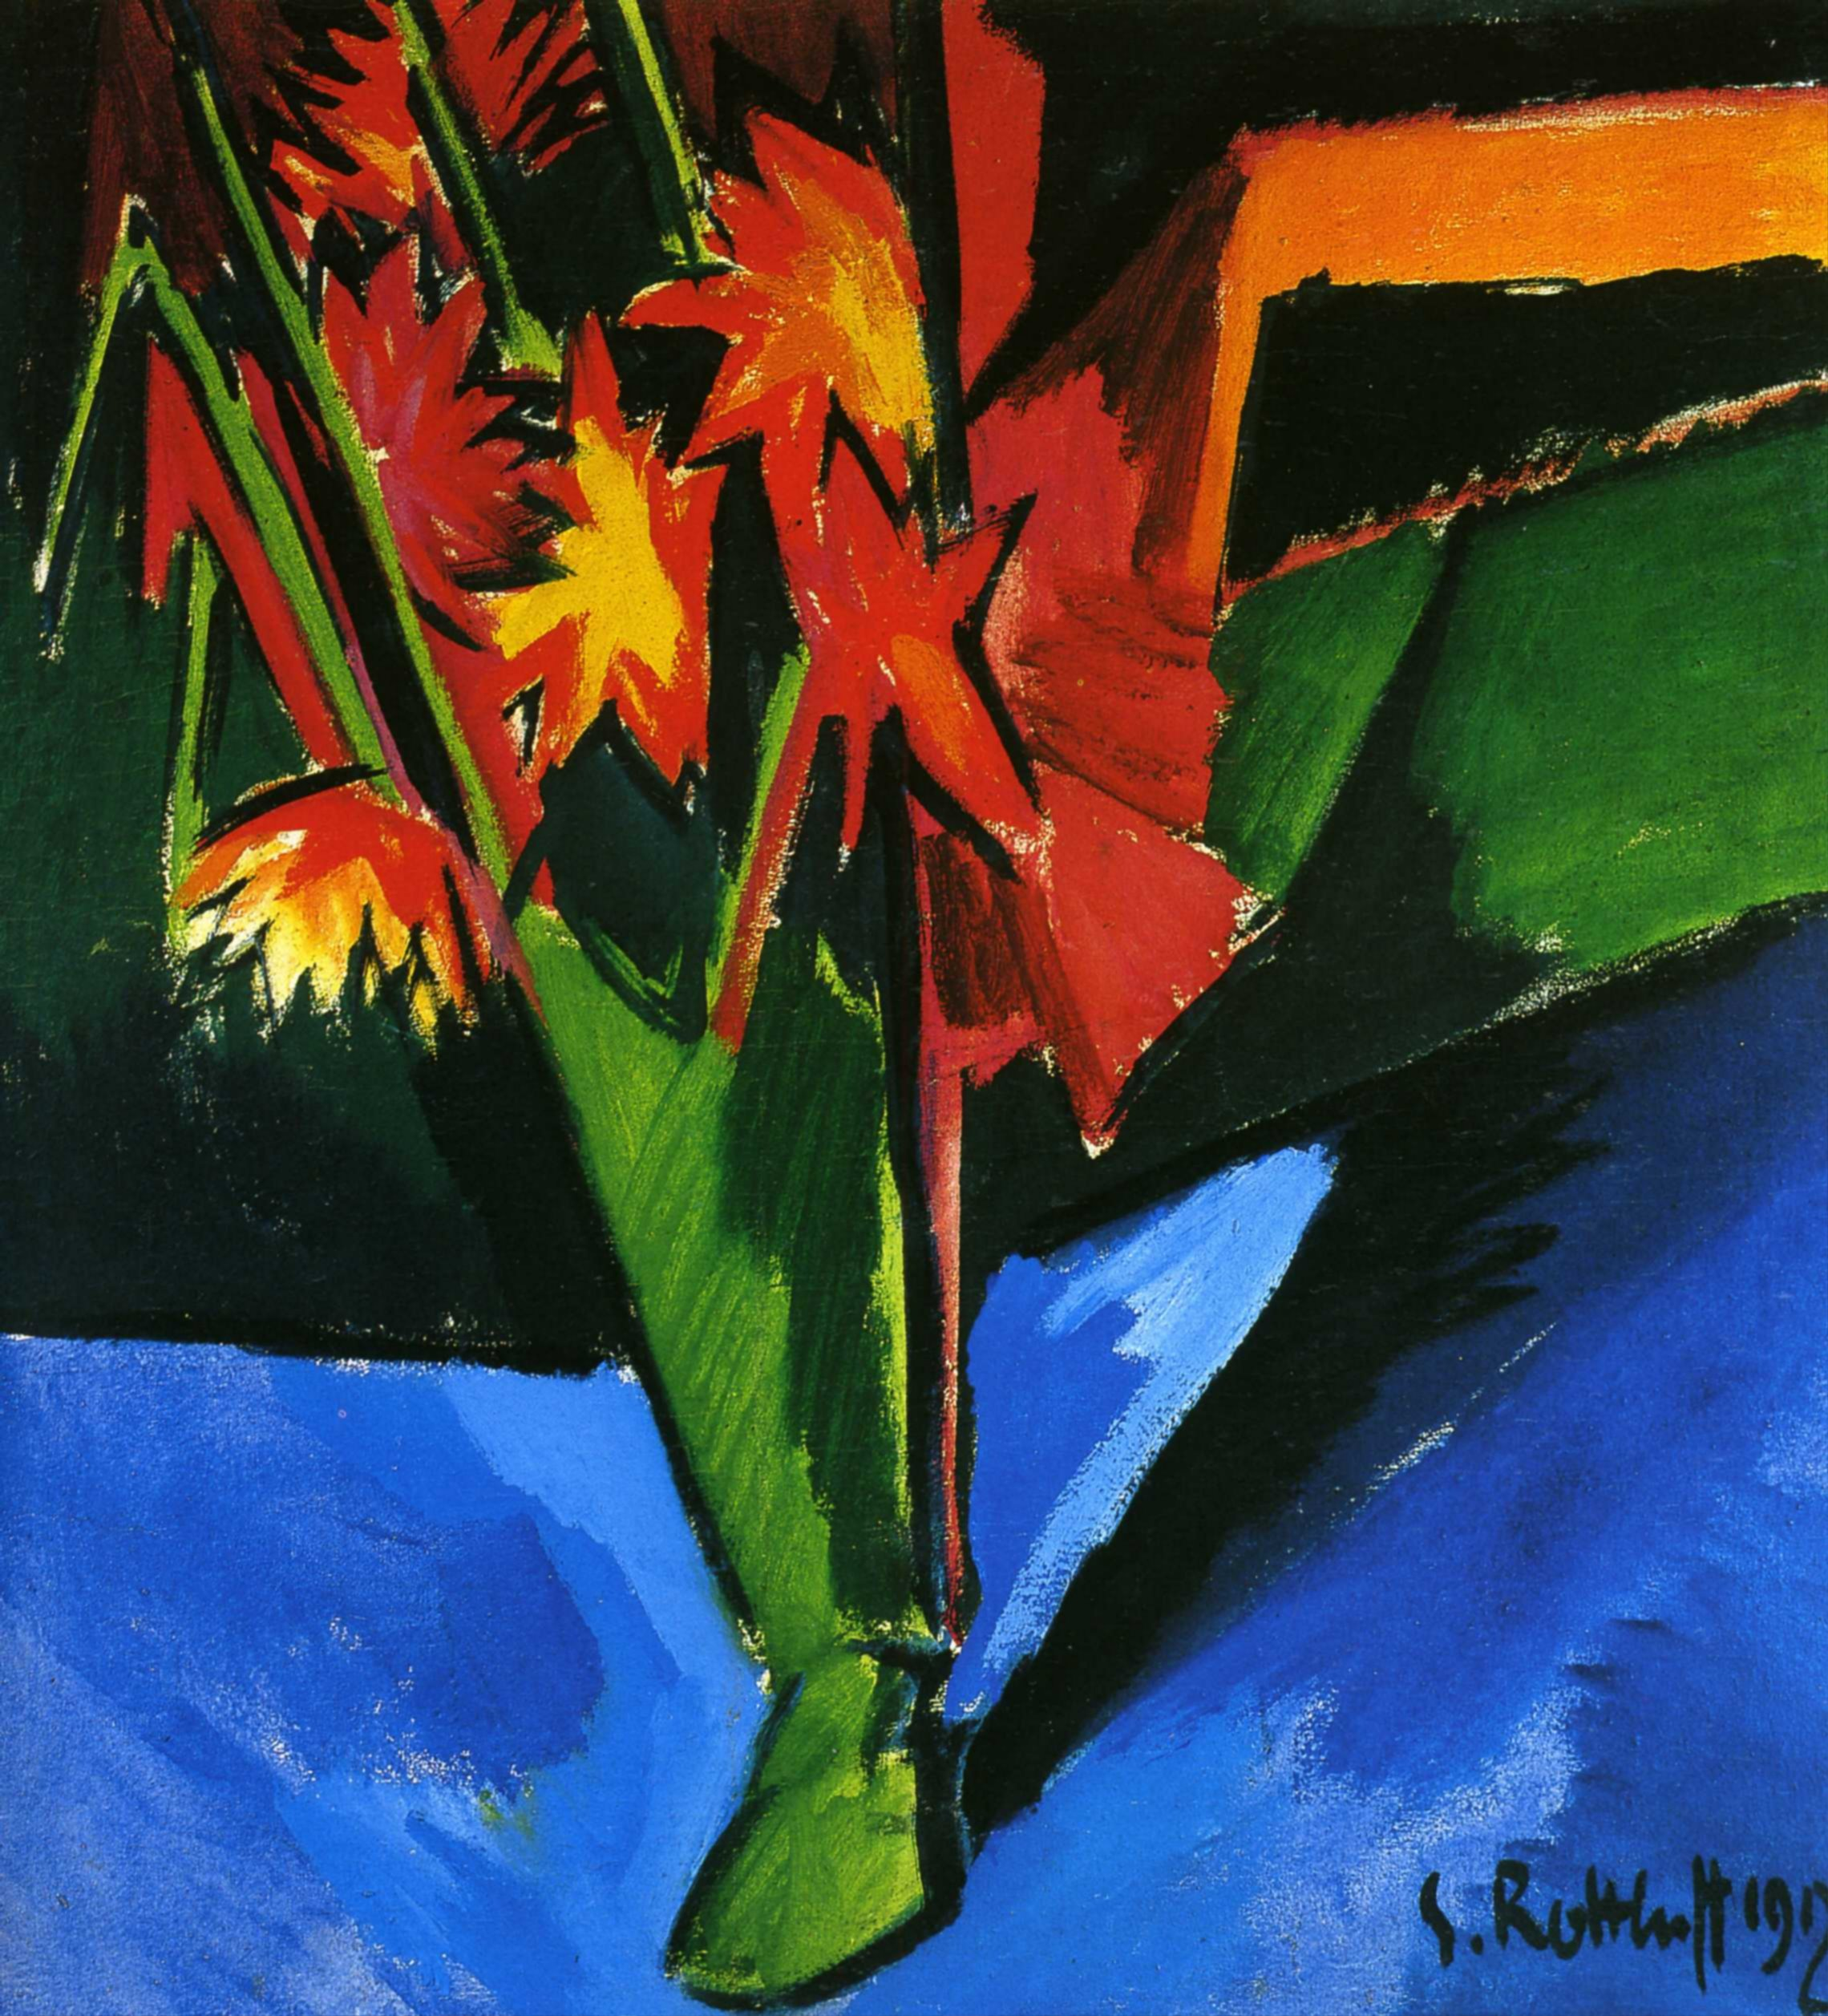 Карл Шмидт-Ротлуф (1884 — 1976) — немецкий художник-экспрессионист, один из теоретиков модернизма в живописи. 1912. «Ваза с георгинами»